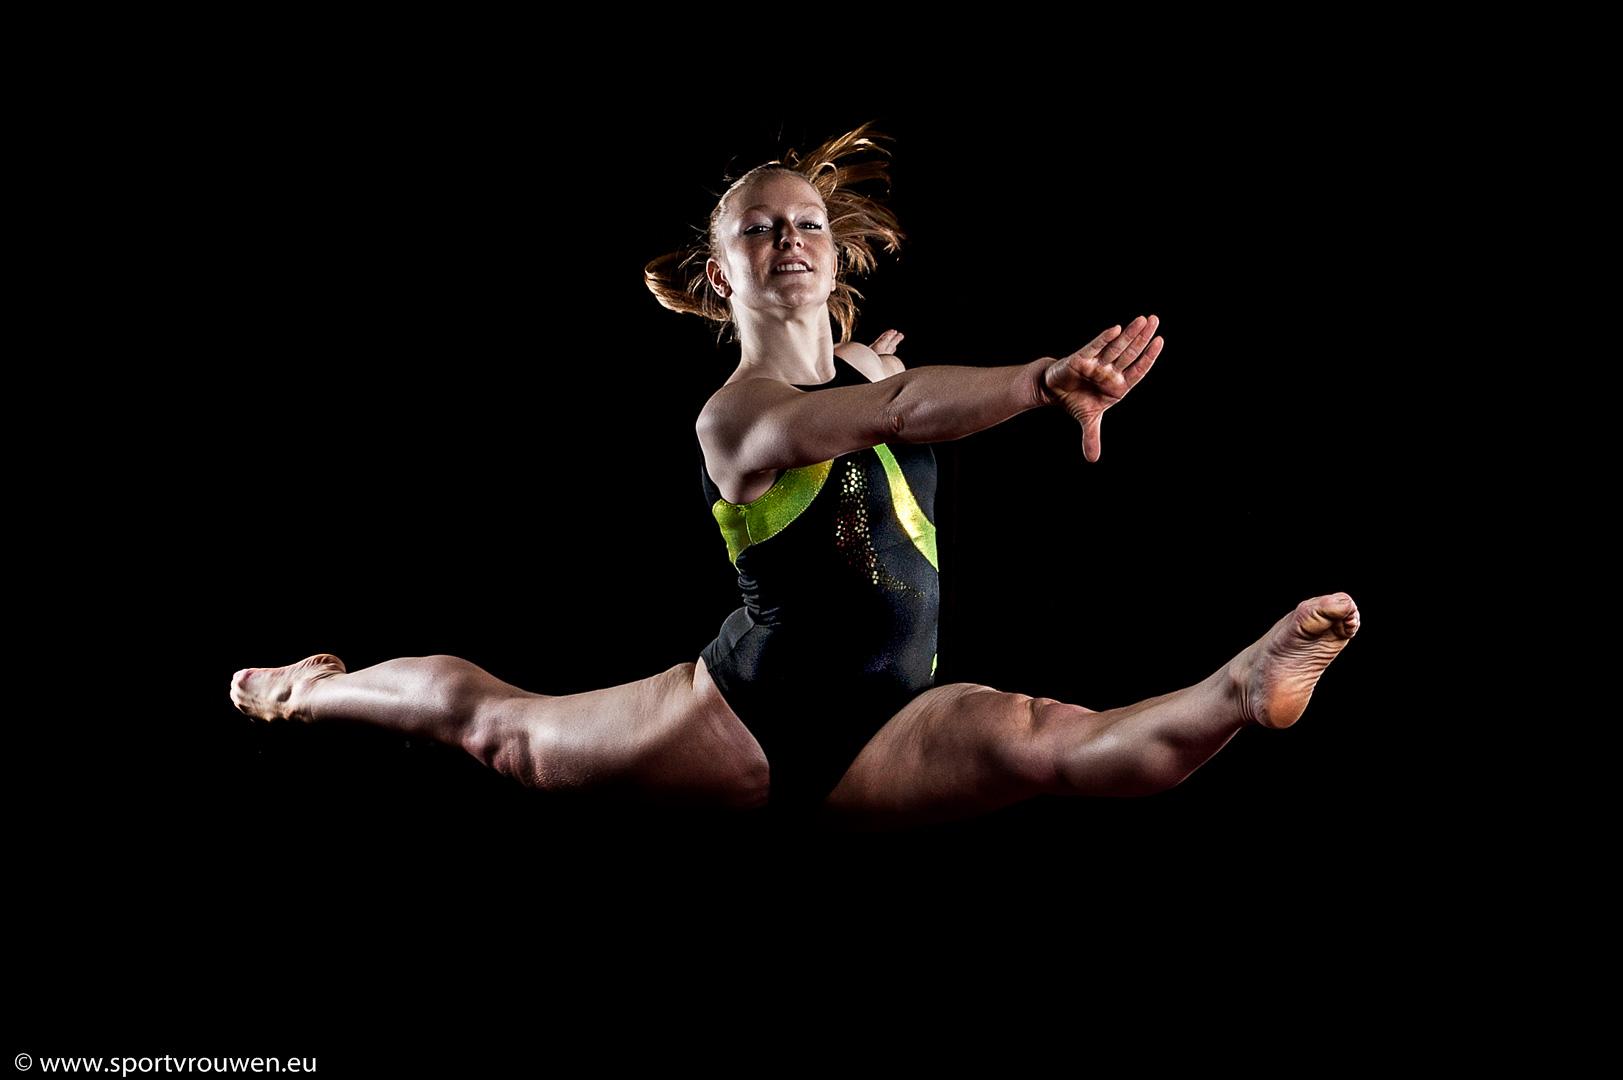 Sportvrouwen : Turnen